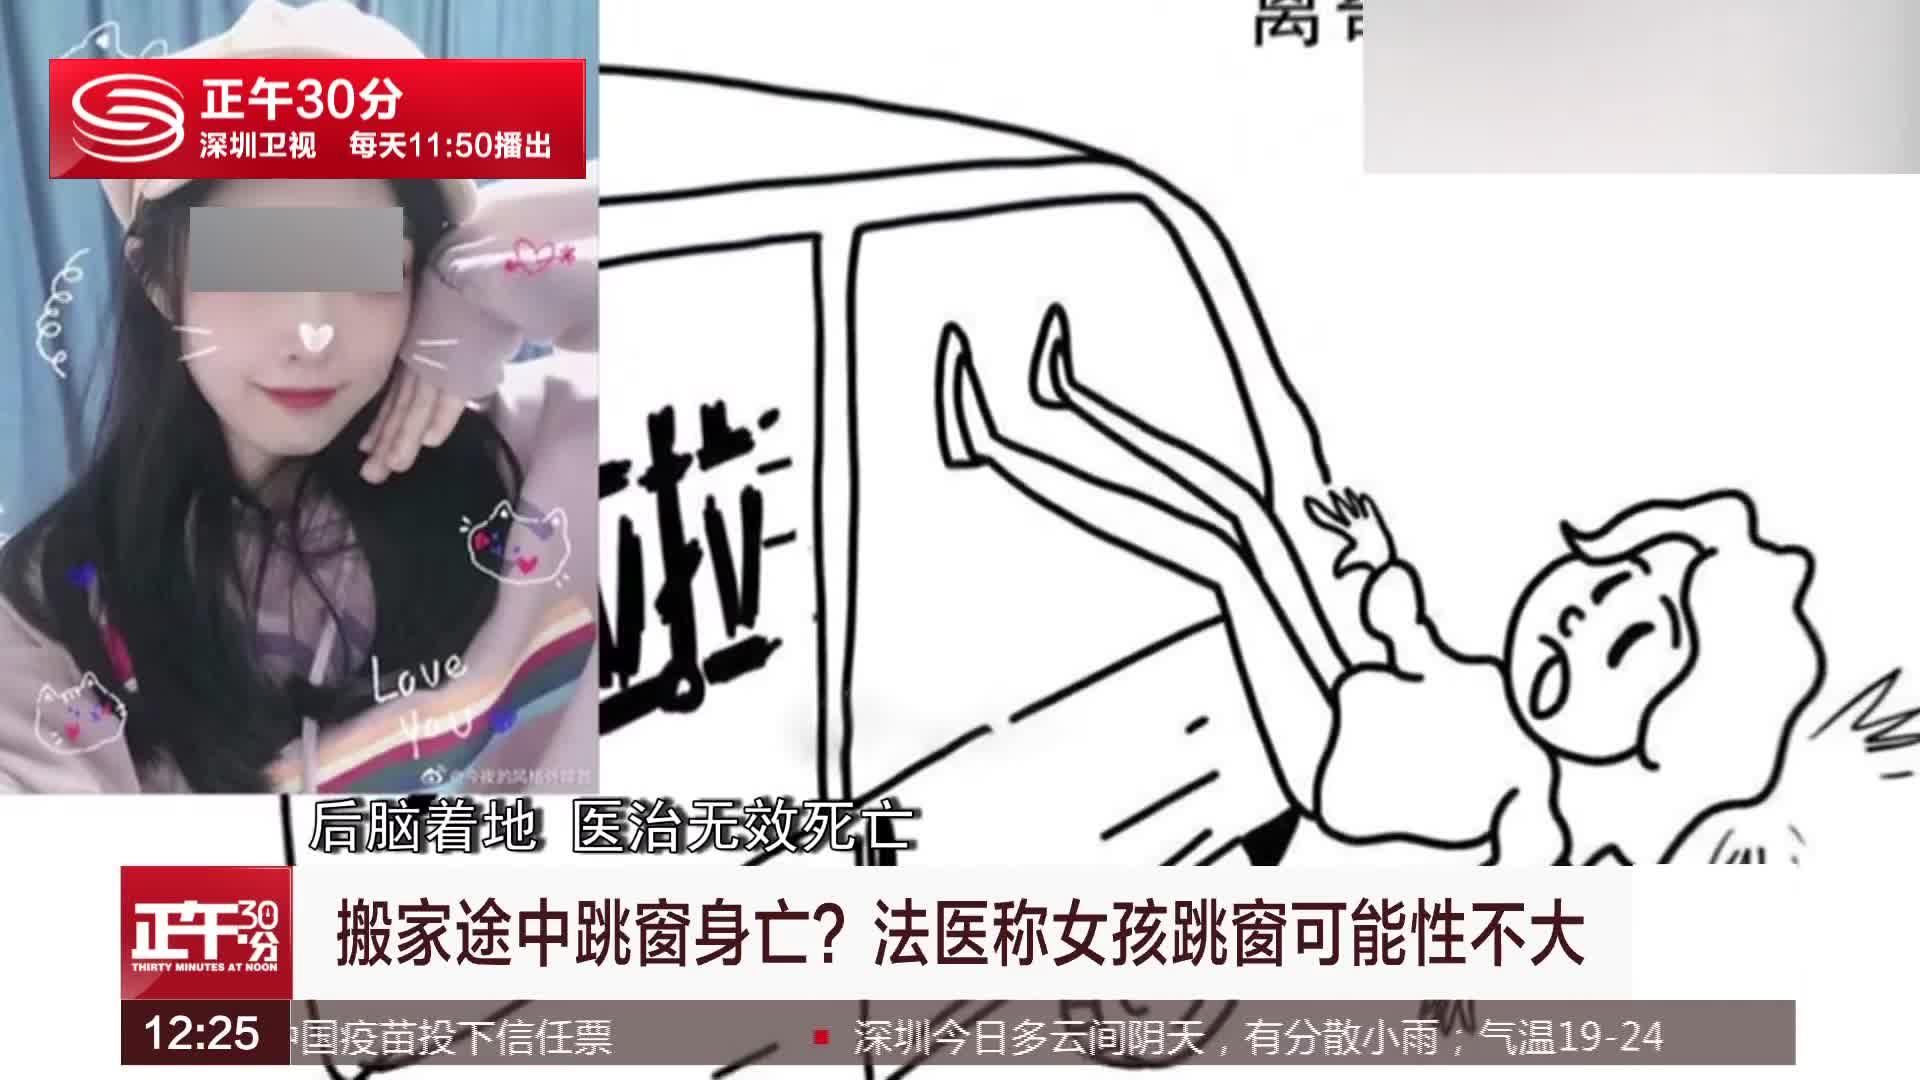 货拉拉跳车女孩事件最新进展 法医称女孩跳窗可能性不大